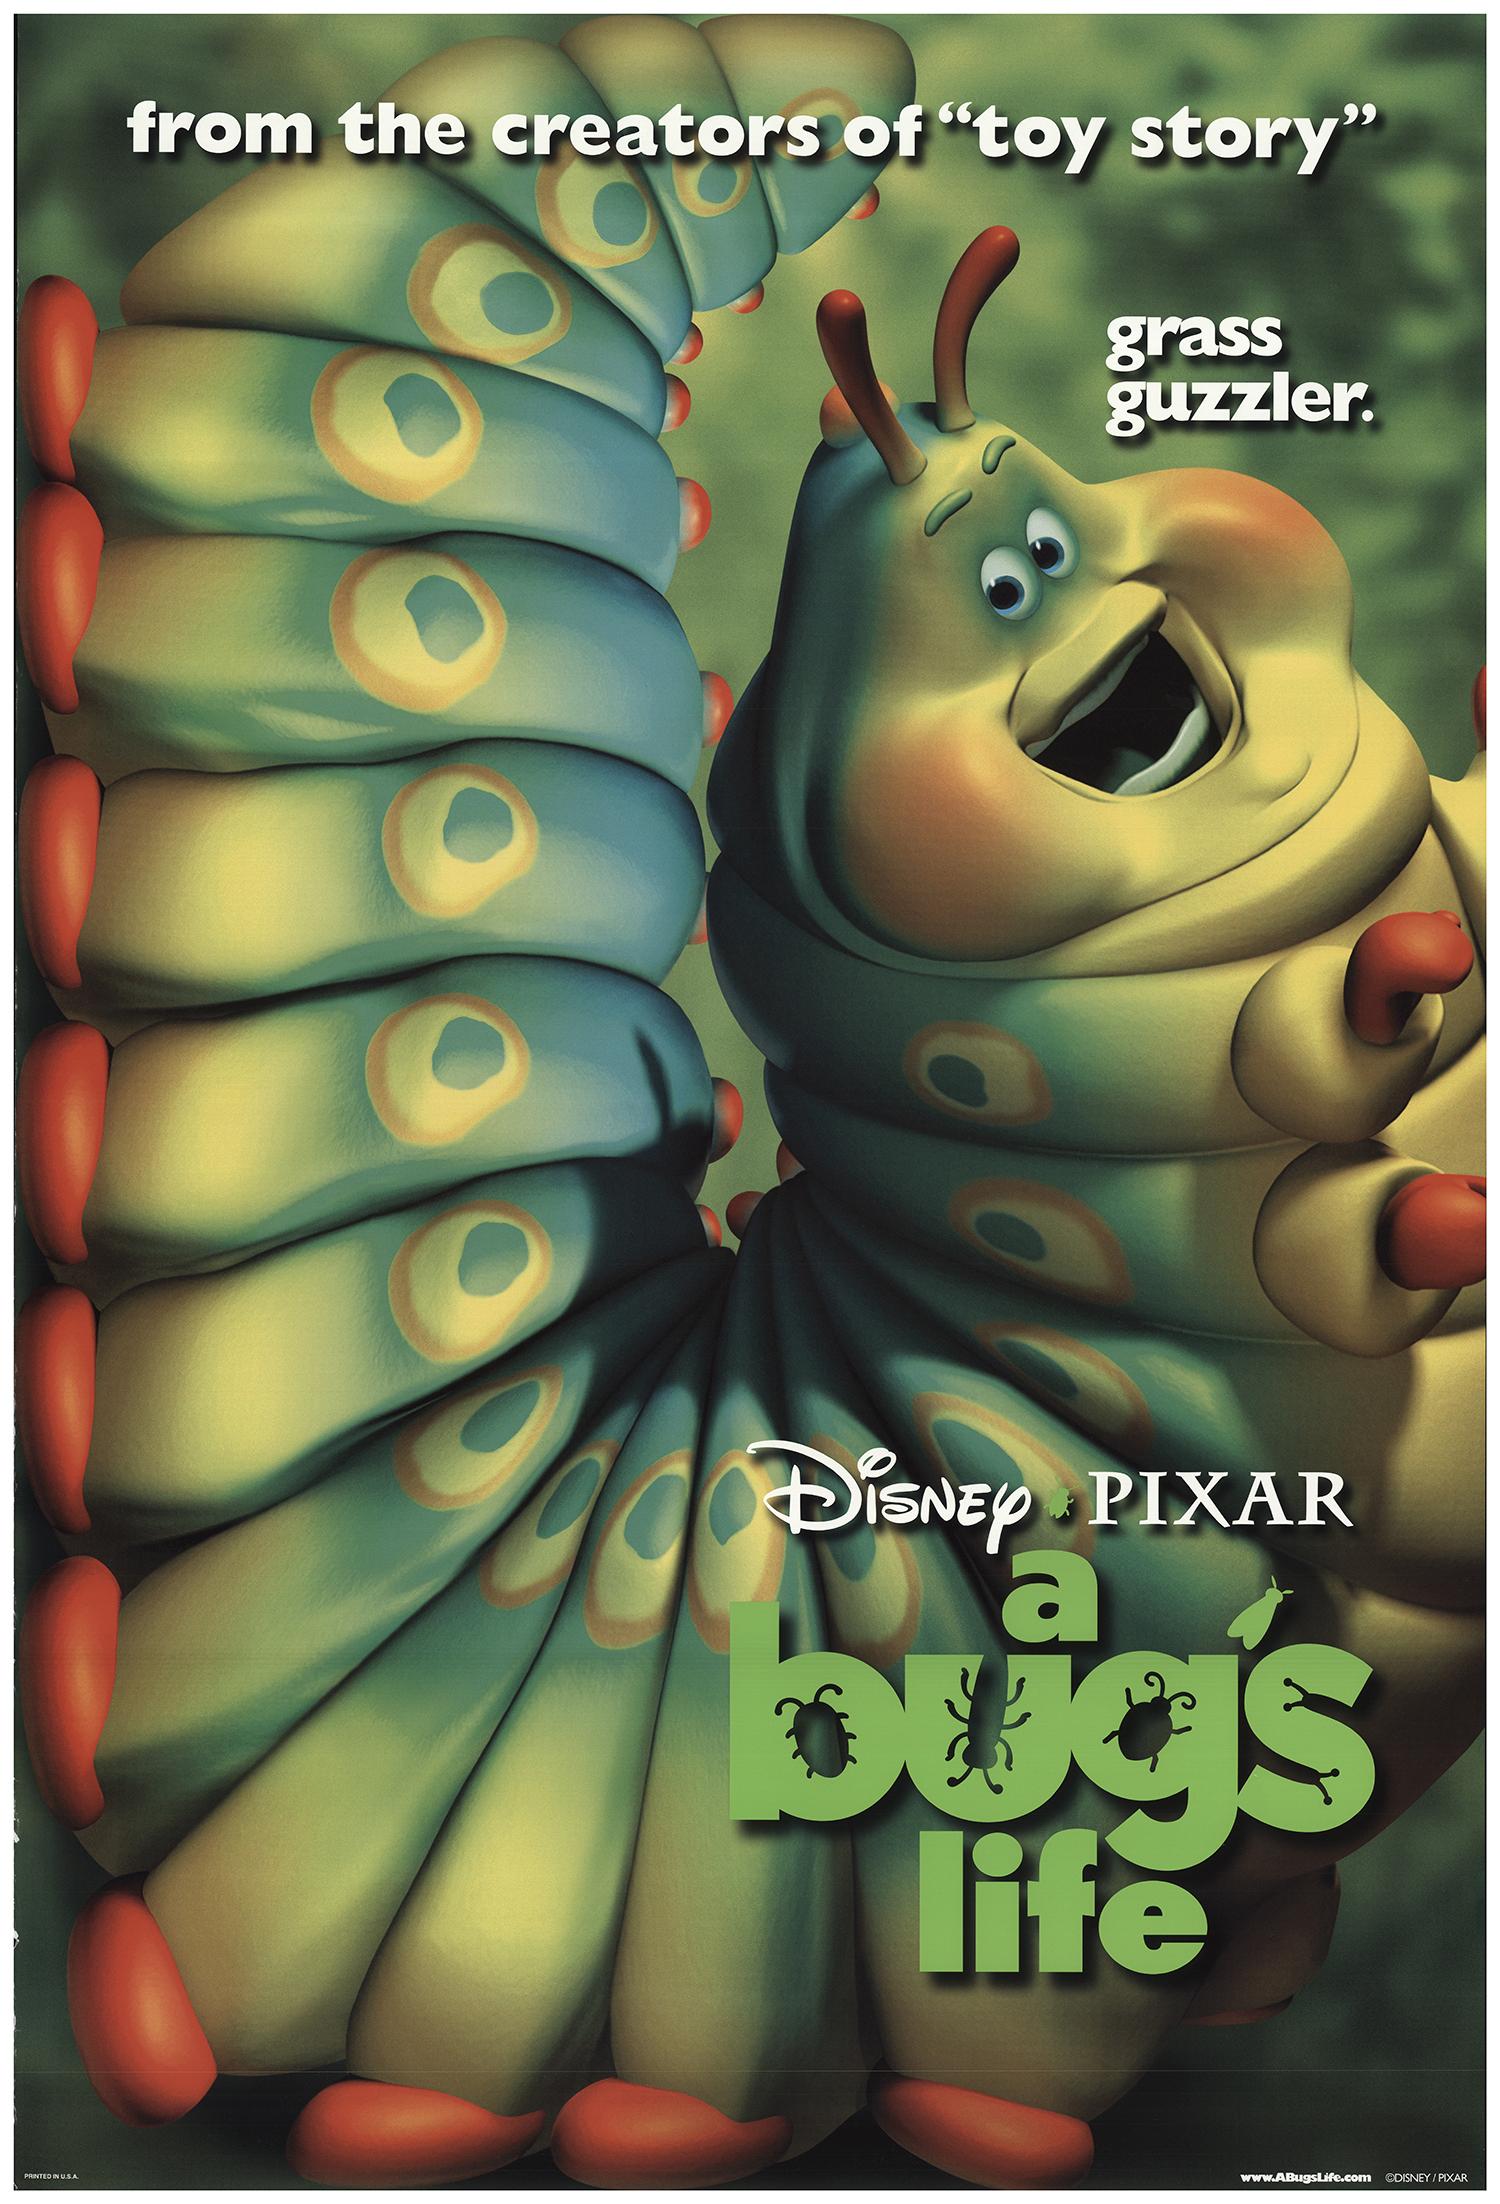 A Bug S Life 1998 Original Movie Poster Fff 73409 Fffmovieposters Com